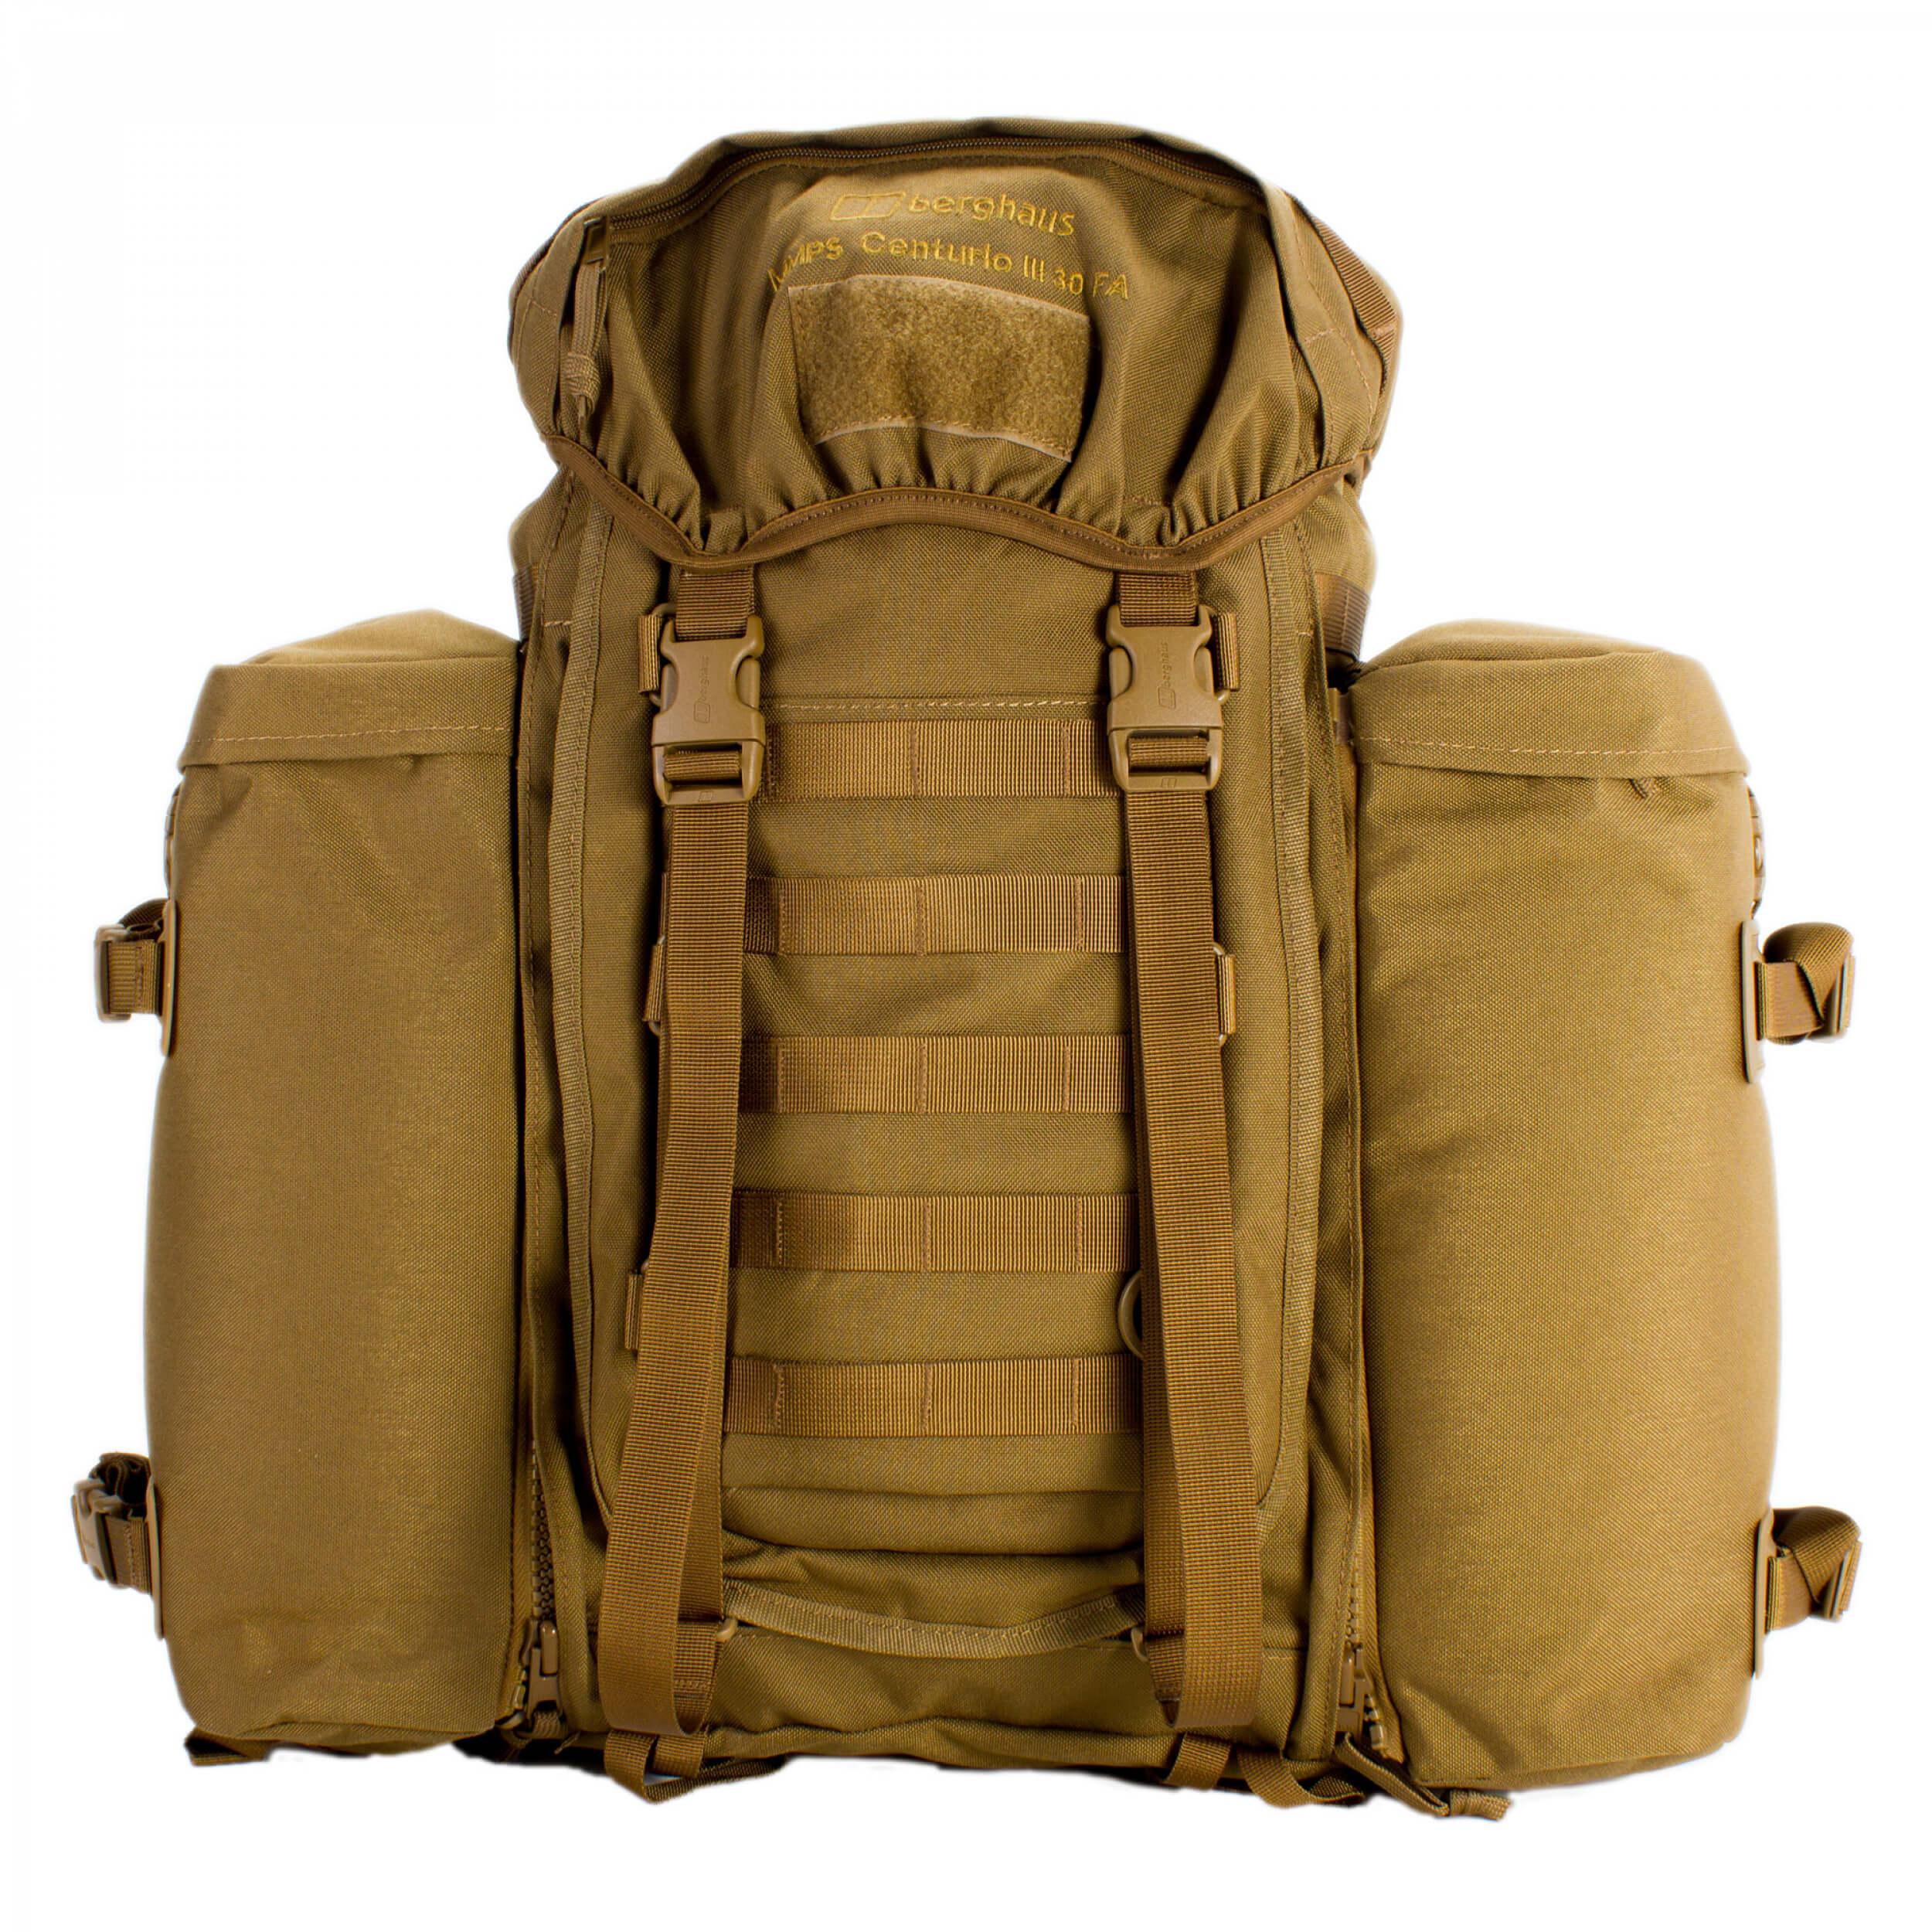 berghaus MMPS Centurio 30 III earth-brown Frontloader + MMPS Seitentaschen Bundle